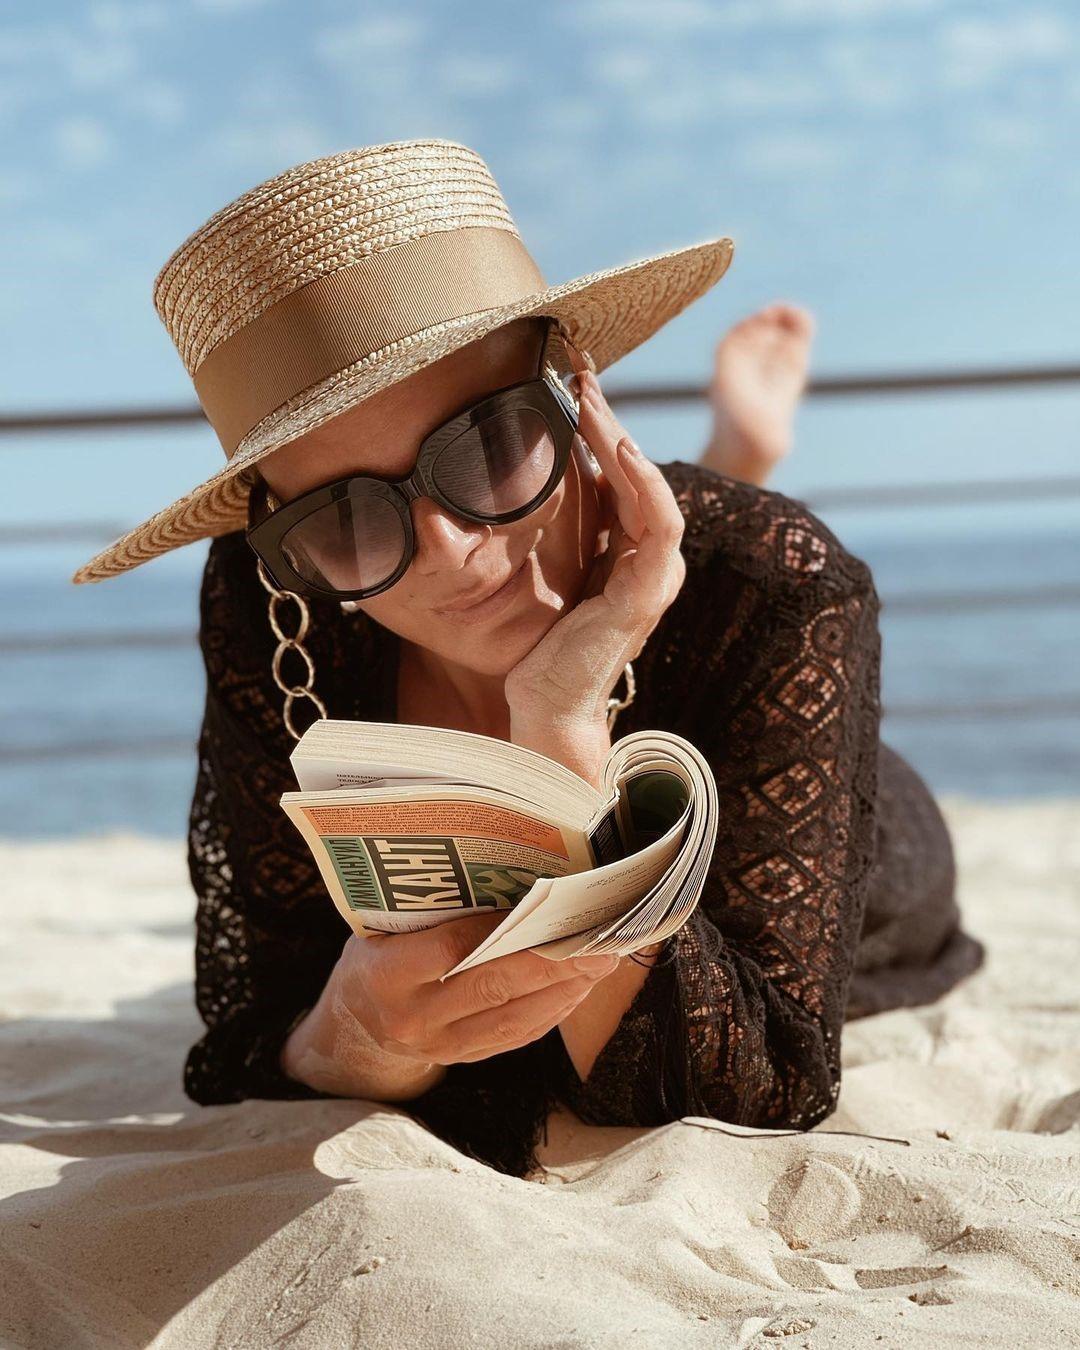 Азбука по идеальному пикнику с Марии Буше: от дресс-кода до книжной подборки